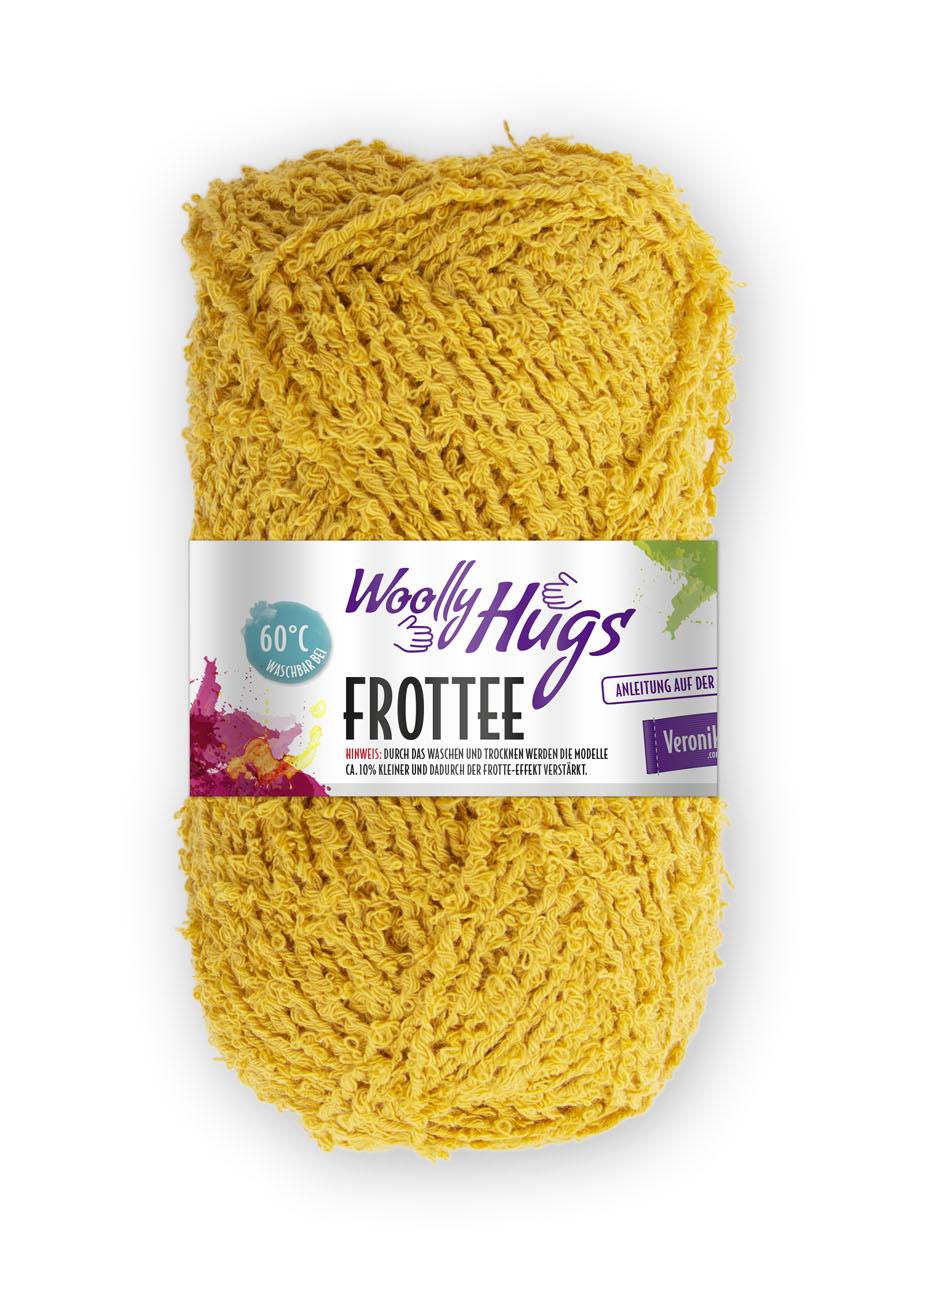 Woolly Hugs FROTTEE   50g  0,5kg